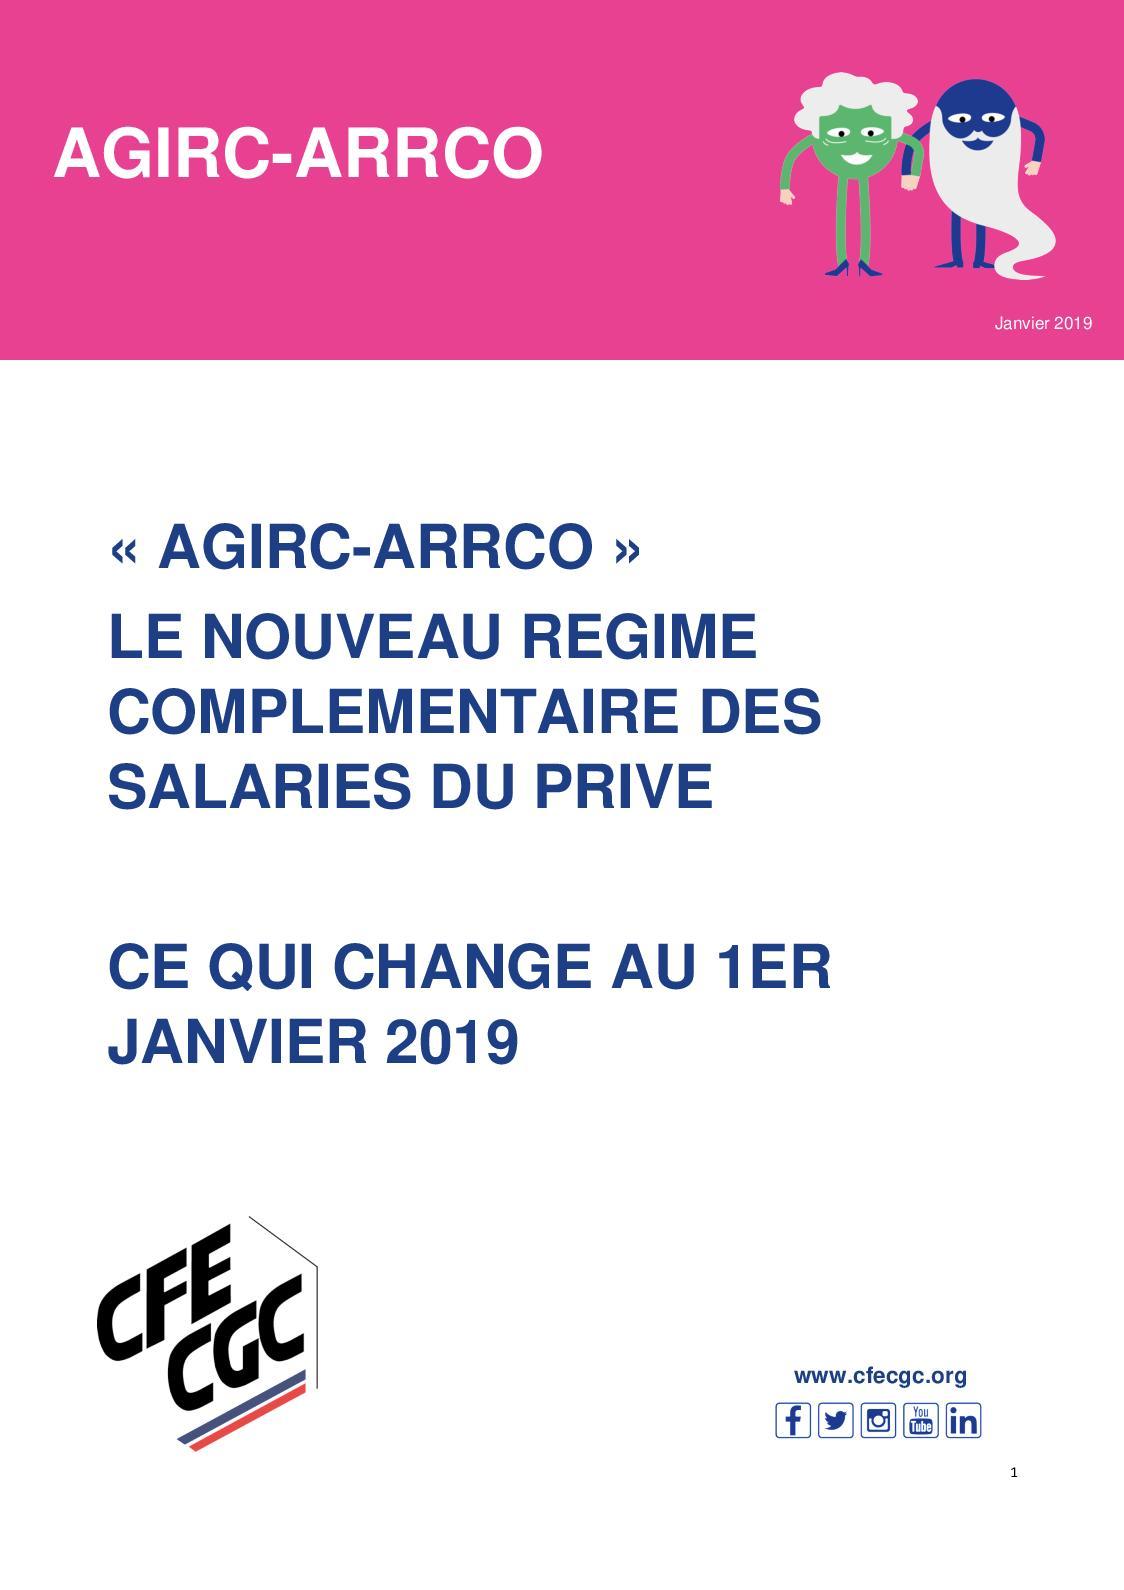 Calameo Agirc Arrco Ce Qui Change Au 1er Janvier 2019